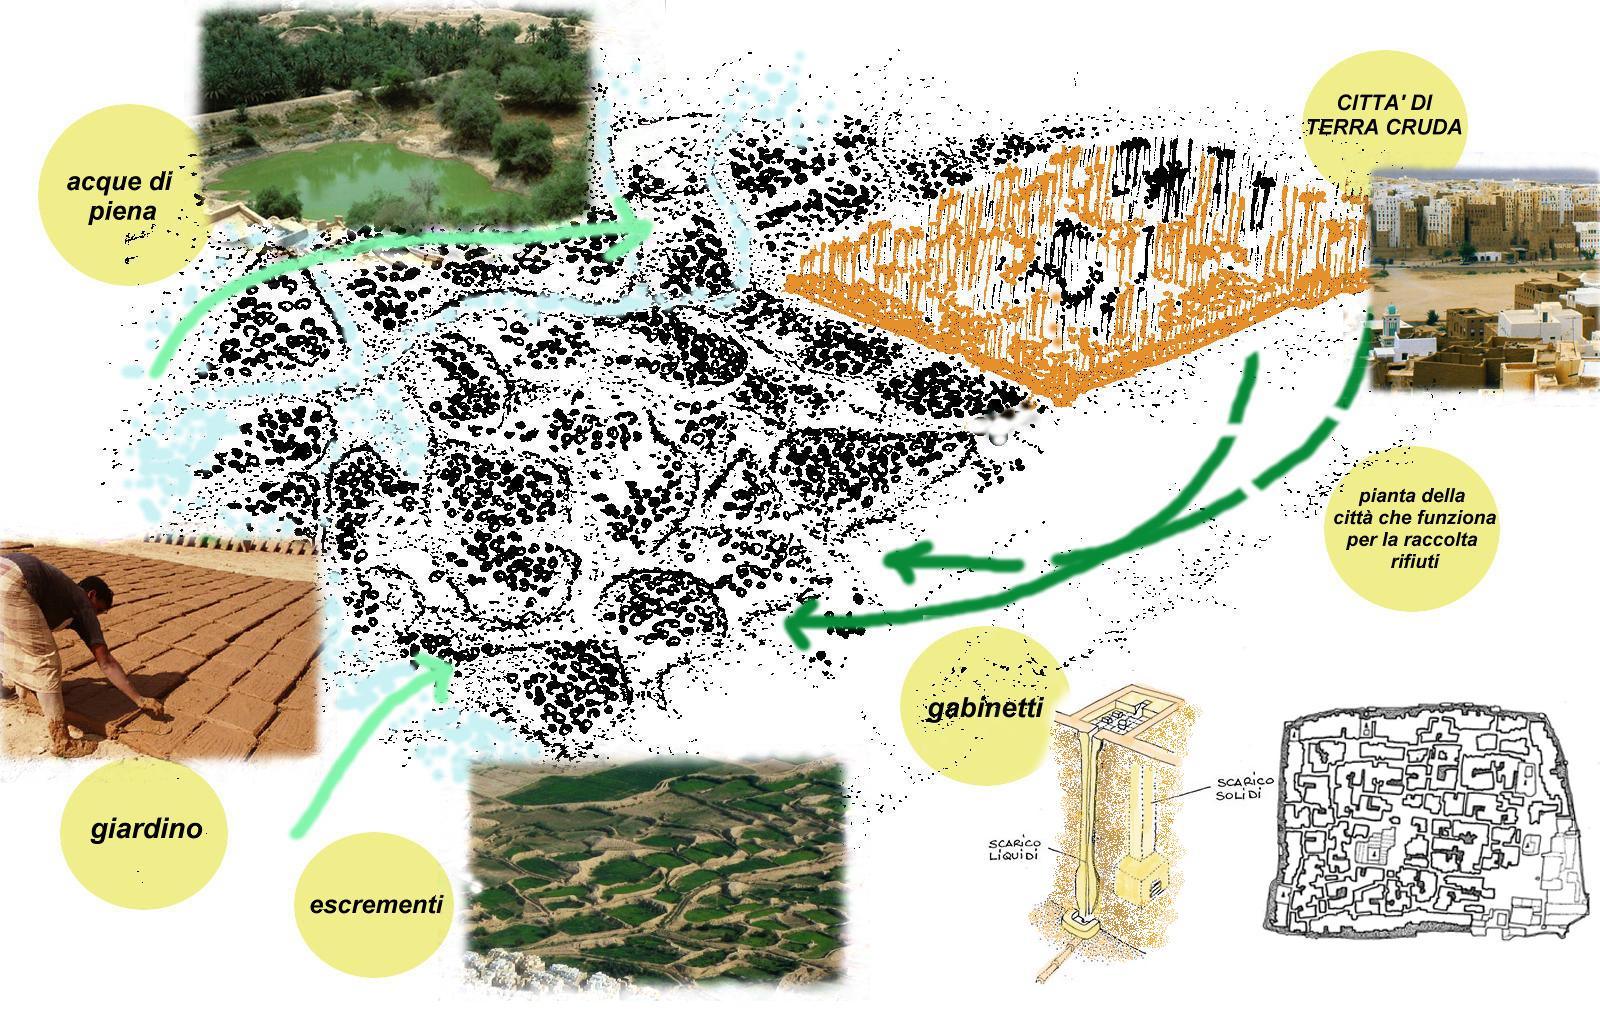 CICLO INTEGRATO DI RIFIUTI ORGANICI - Compost fatto di escrementi, cenere e piante Produzione e uso di compost vegetale e rifiuti